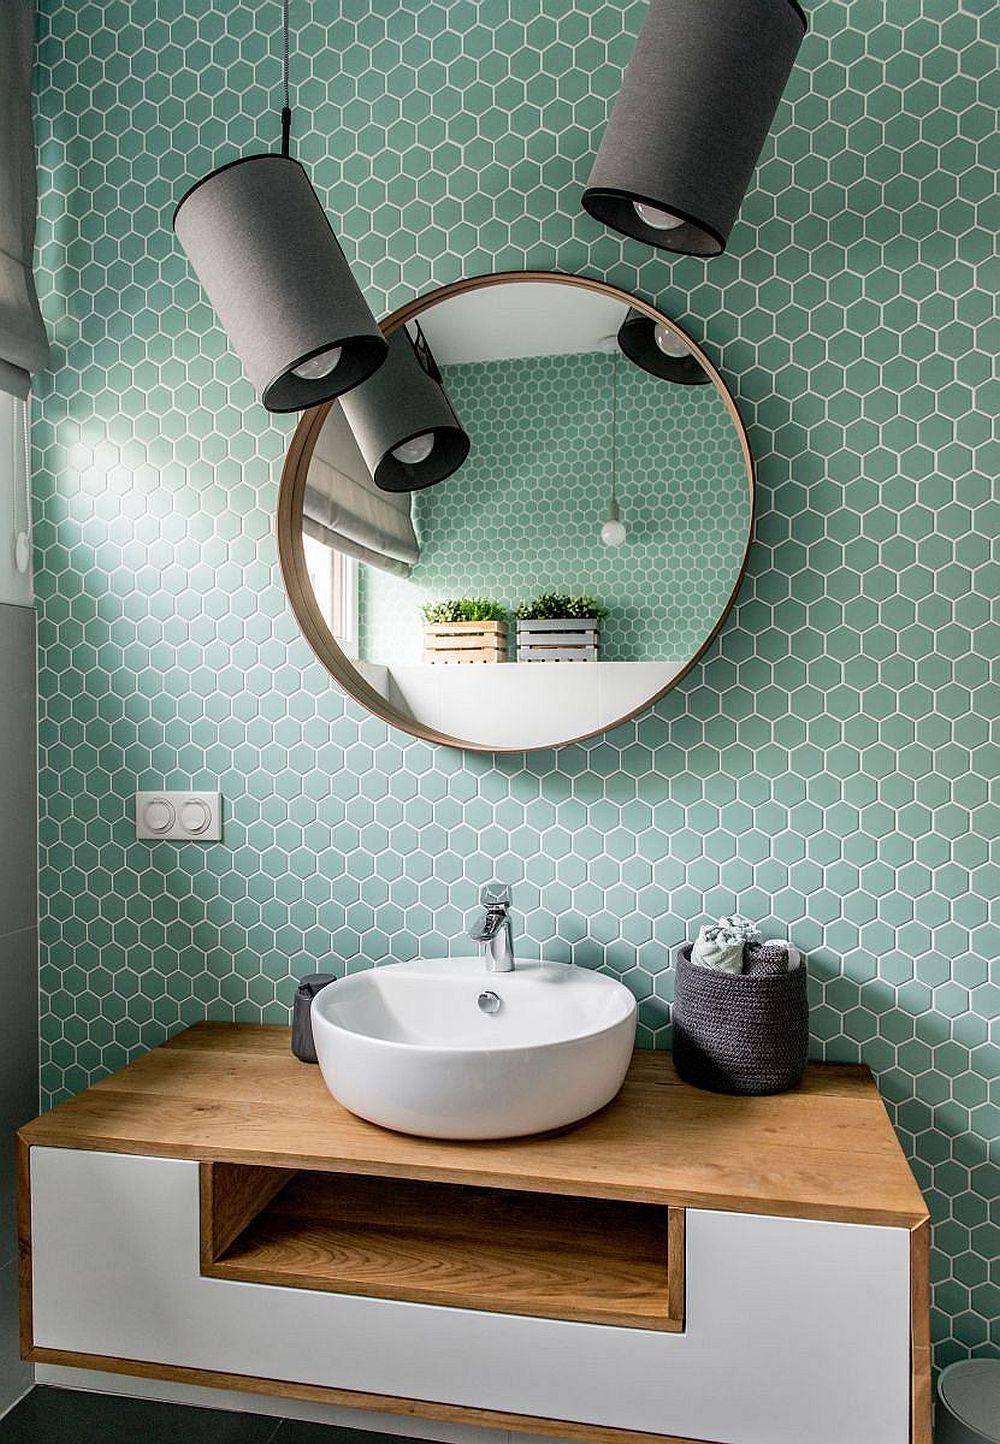 adelaparvu.com despre casa de 157 mp, design interior Shoko Studio, Foto Malgorzata Opala (22)